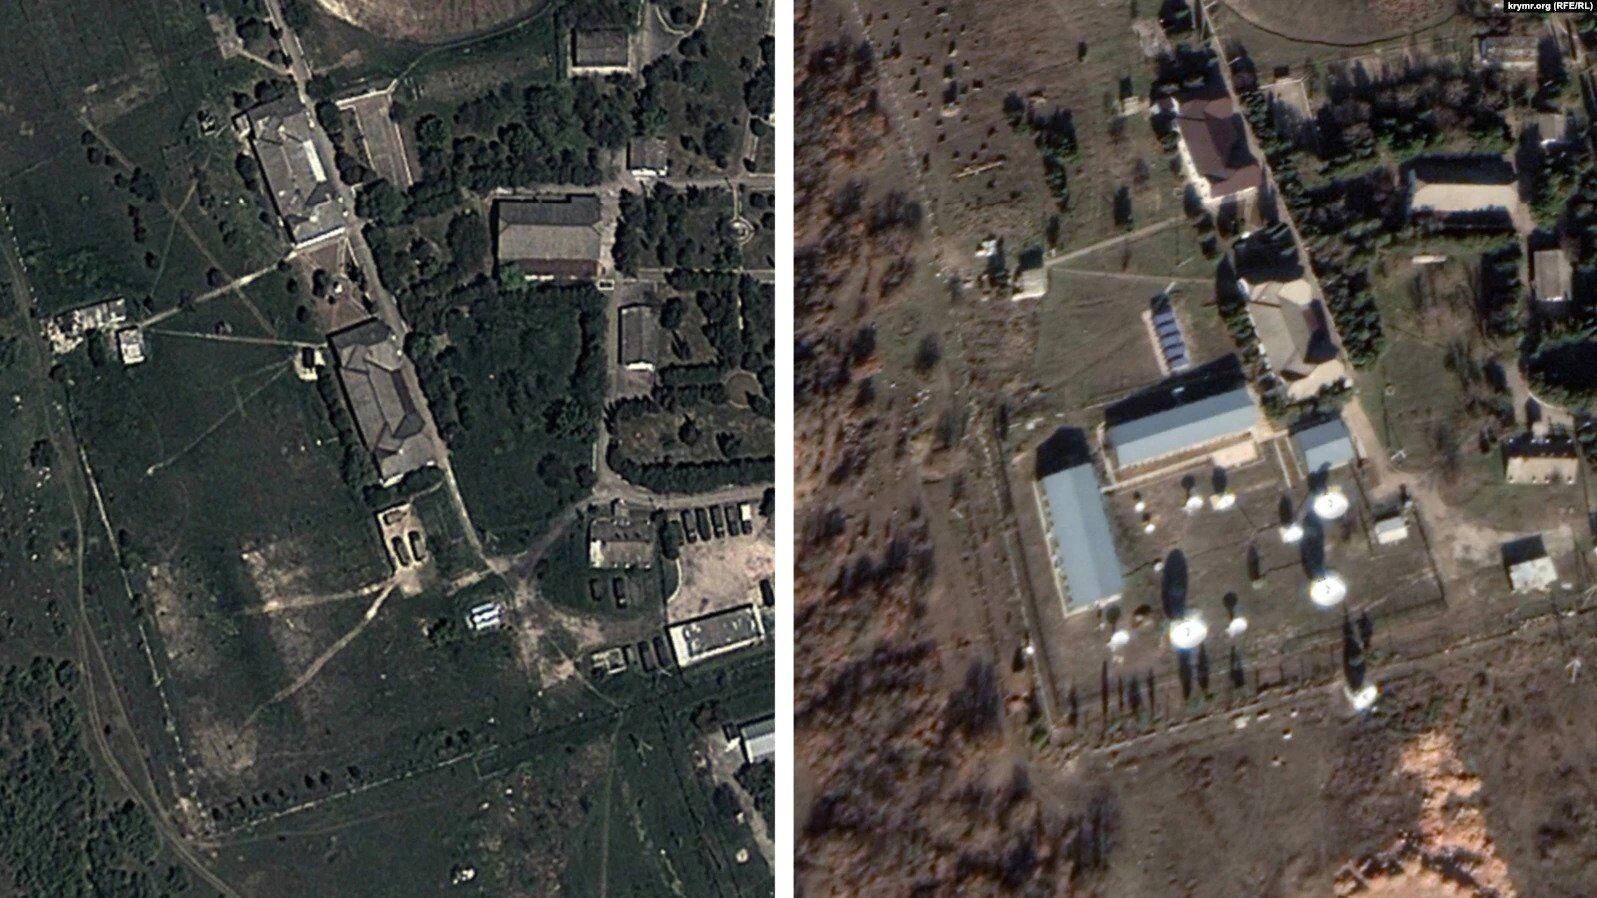 На правом снимке видна новая радиотехническая станция, появившаяся вблизи Севастополя за последние четыре года